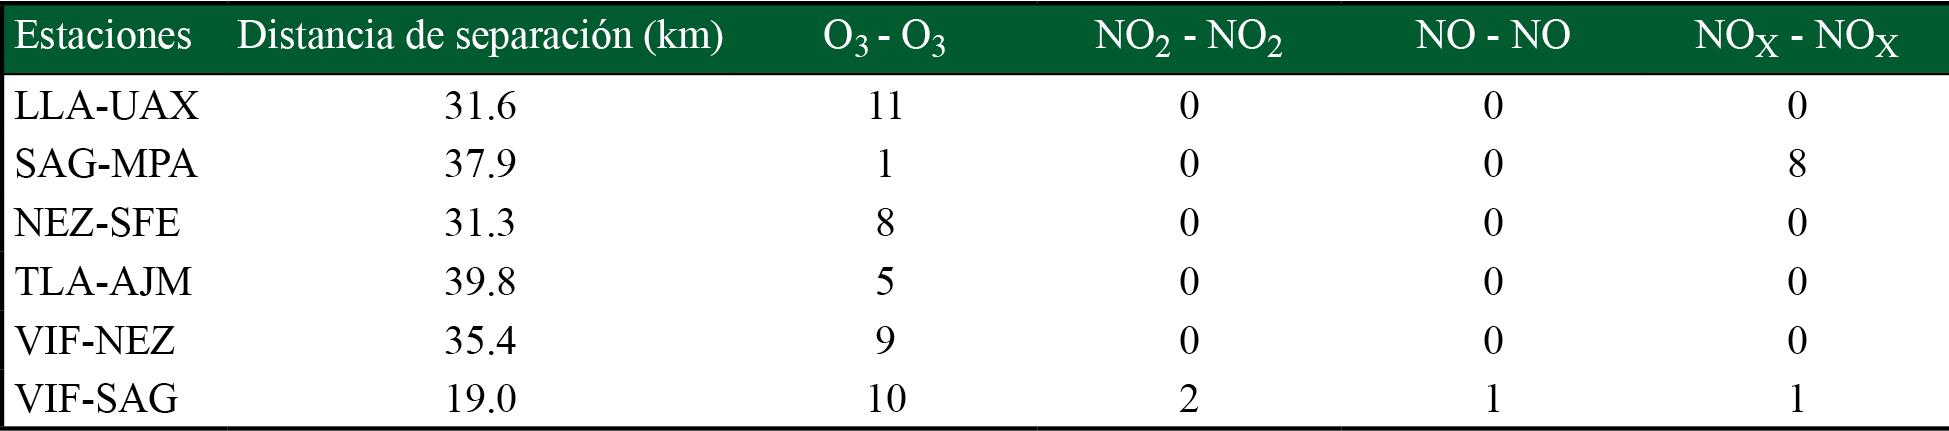 Distancia entre estaciones y conteo de número de meses en los que hay una correlación mayor a 0.8 entre pares de datos de partículas y gases contaminantes para dos estaciones distintas